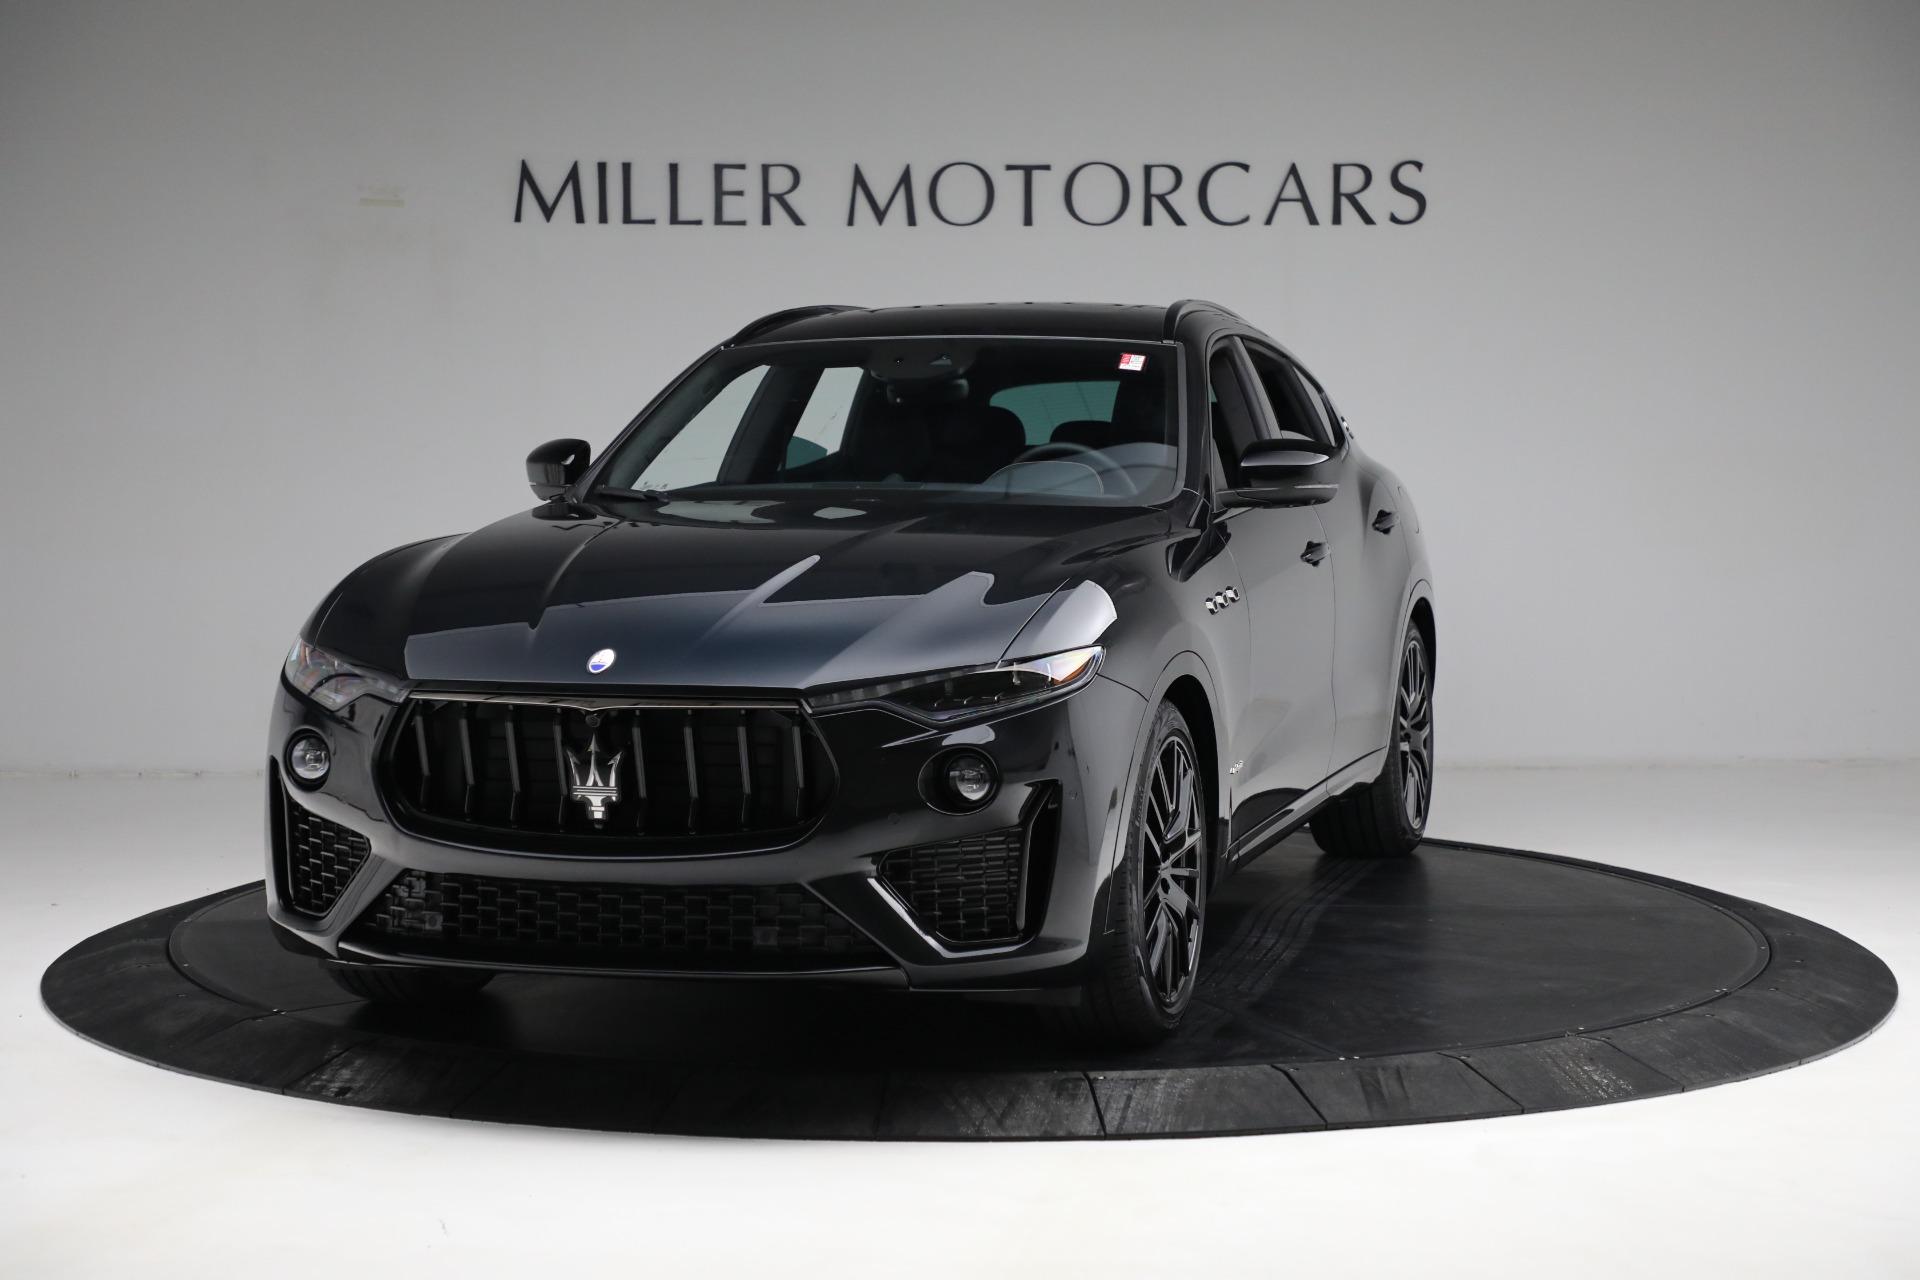 New 2021 Maserati Levante S GranSport | Greenwich, CT